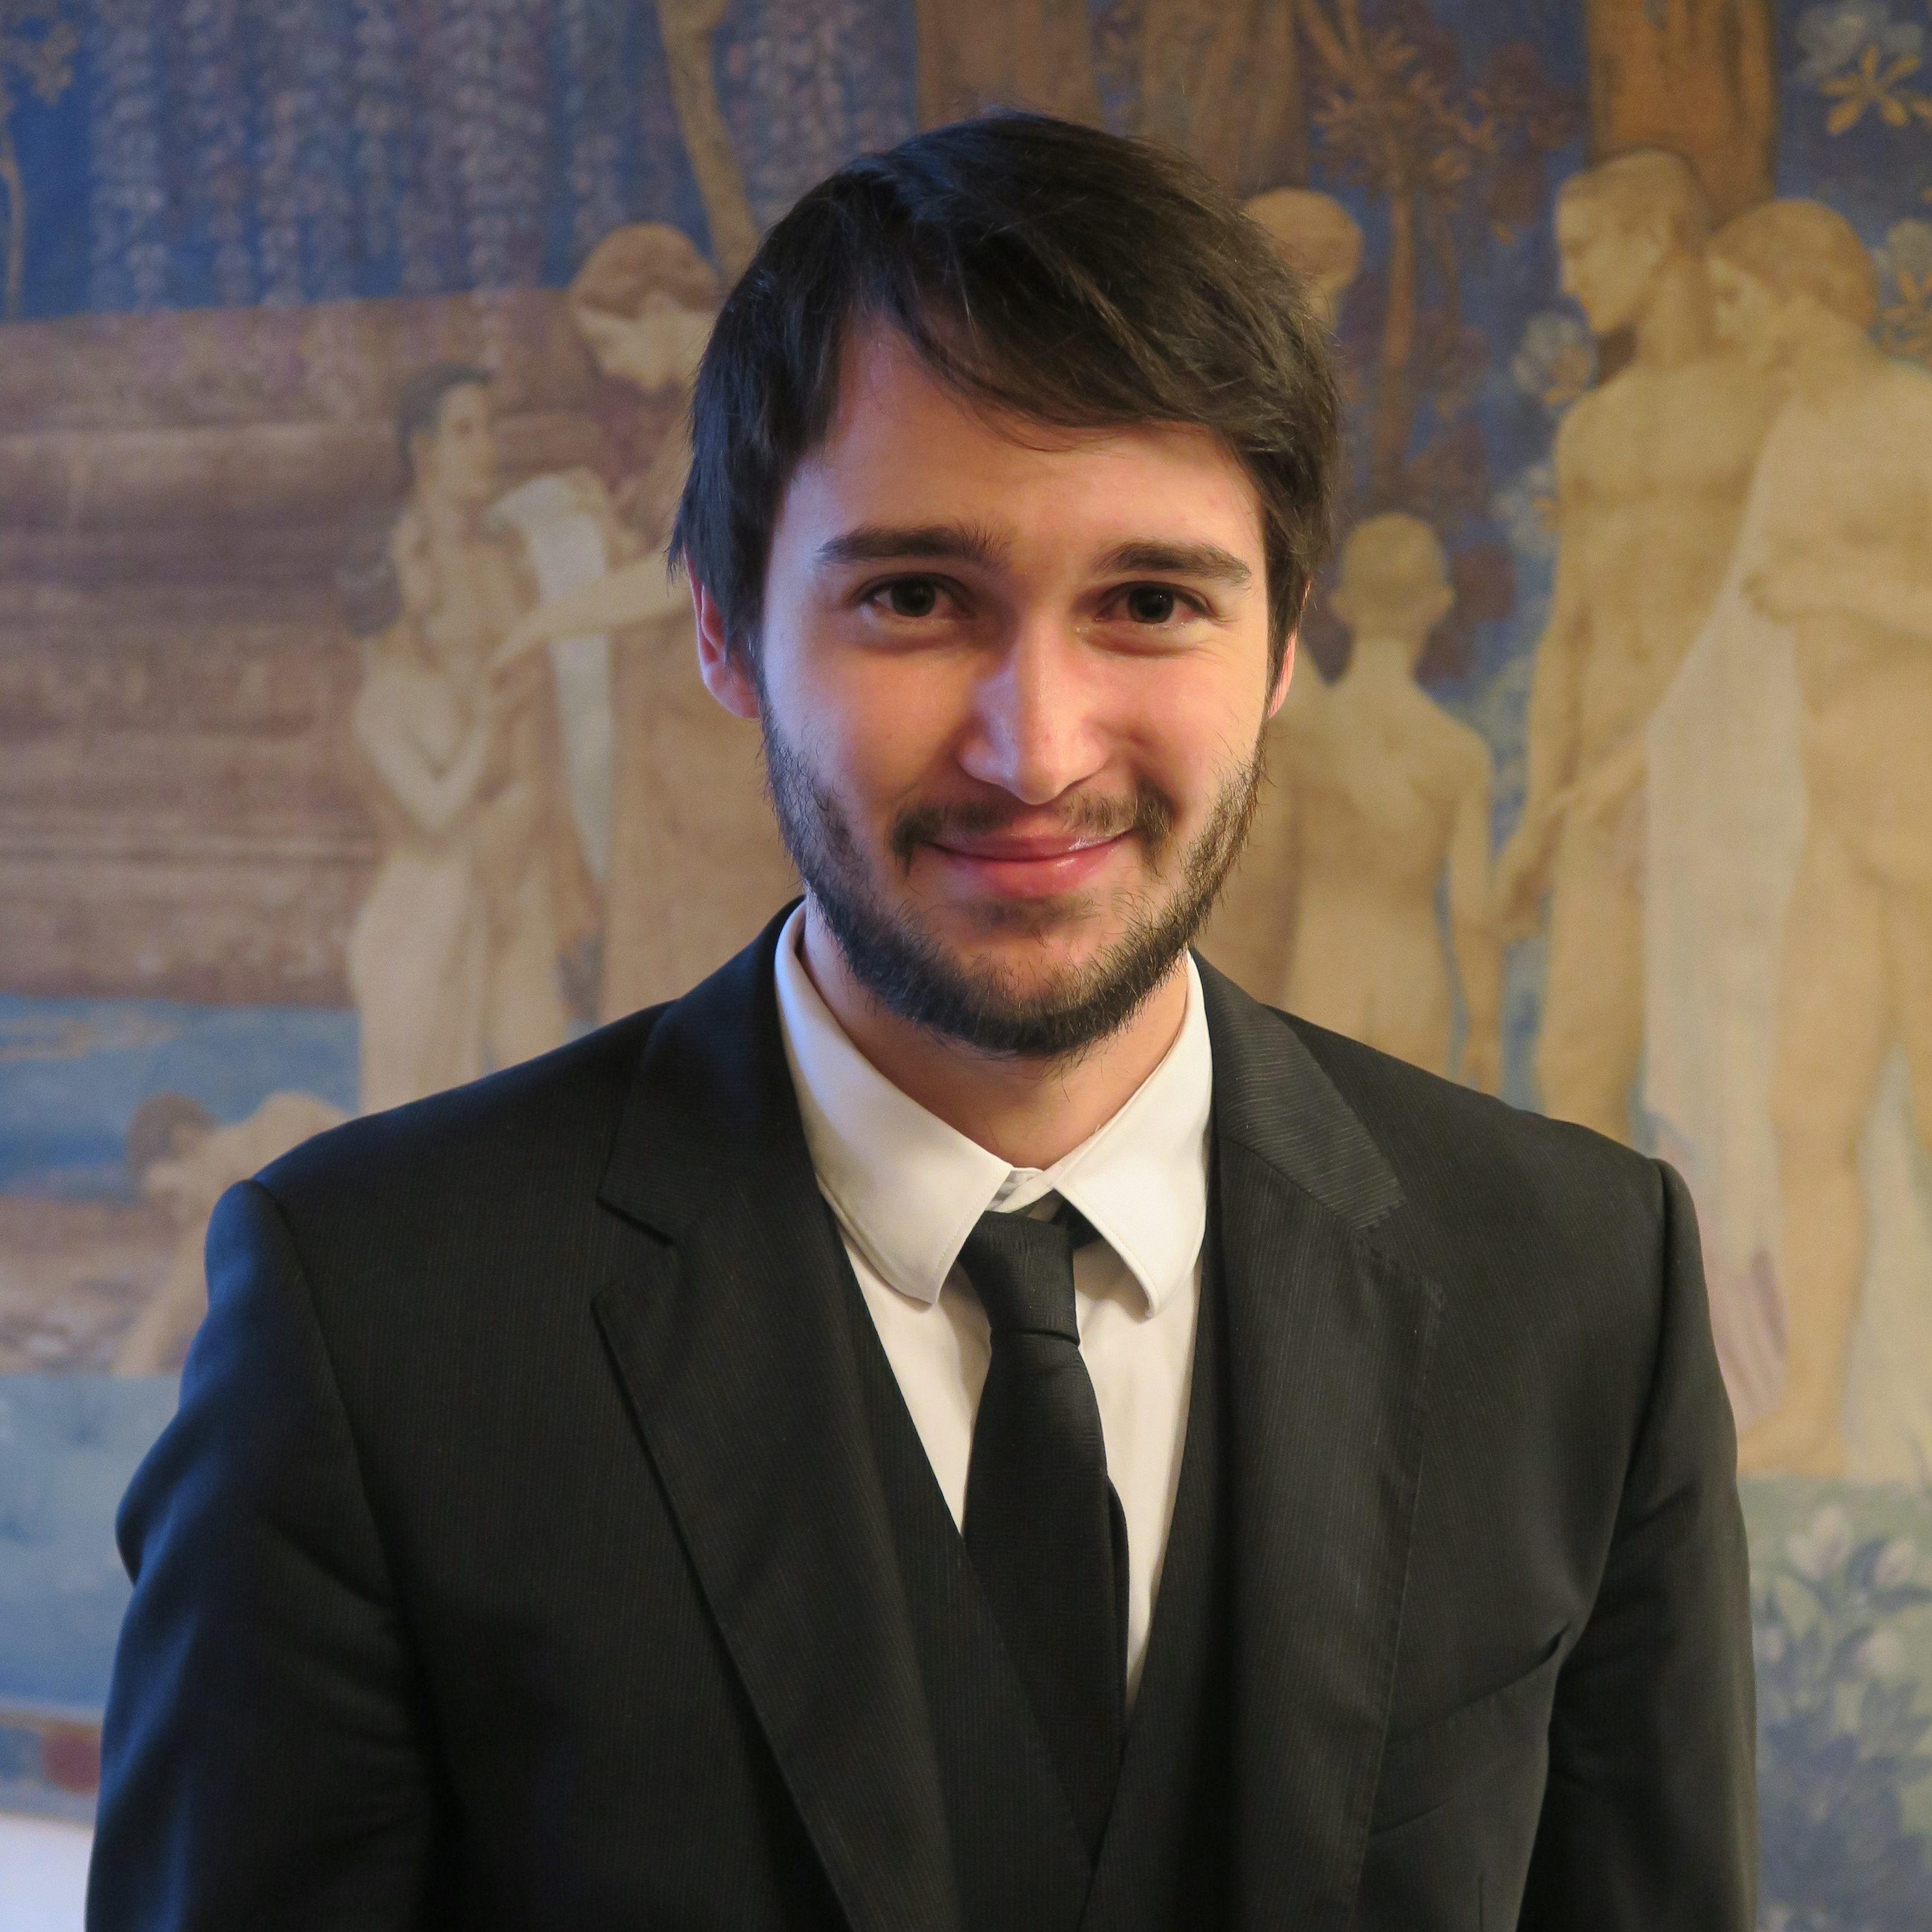 Alexandre ROUHETTE